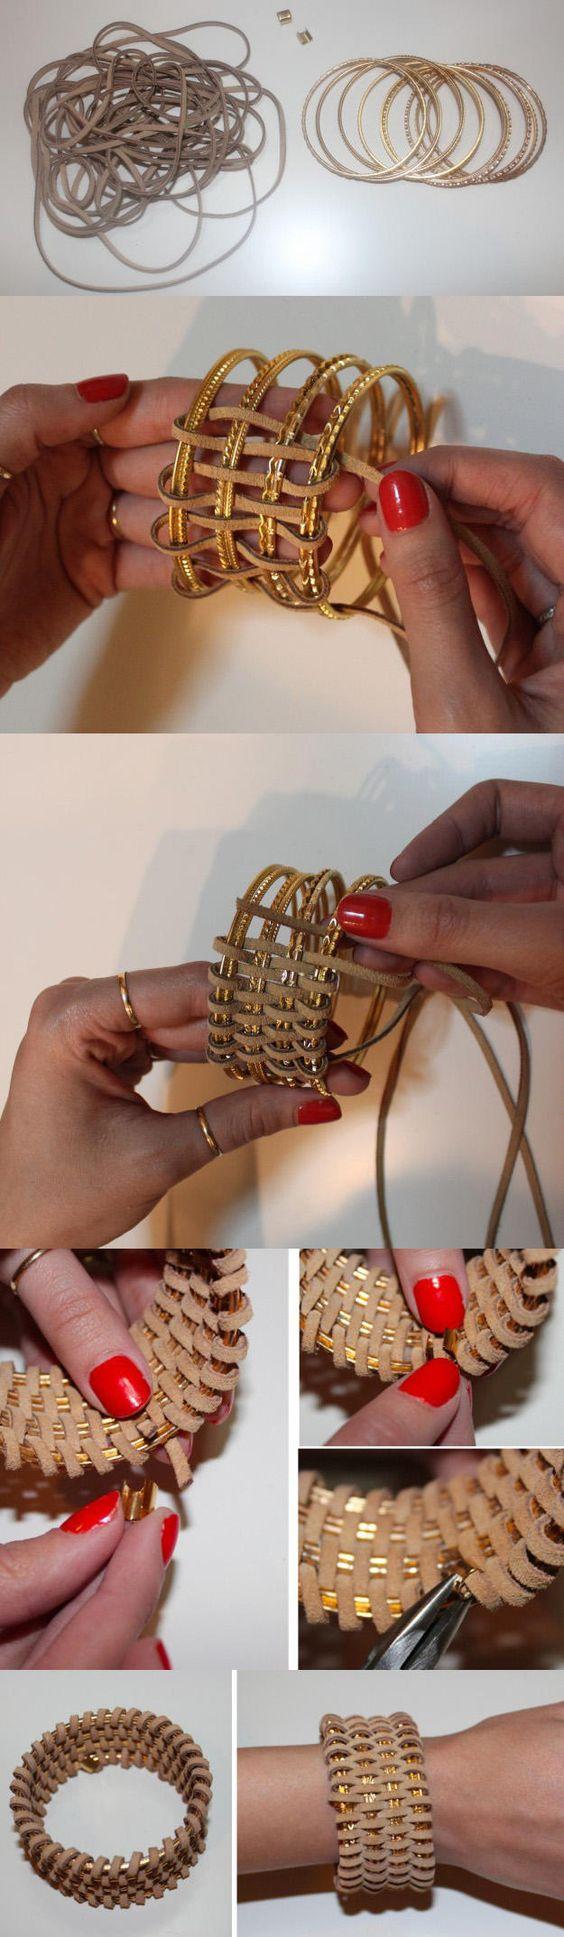 tressage sur plusieurs bracelets